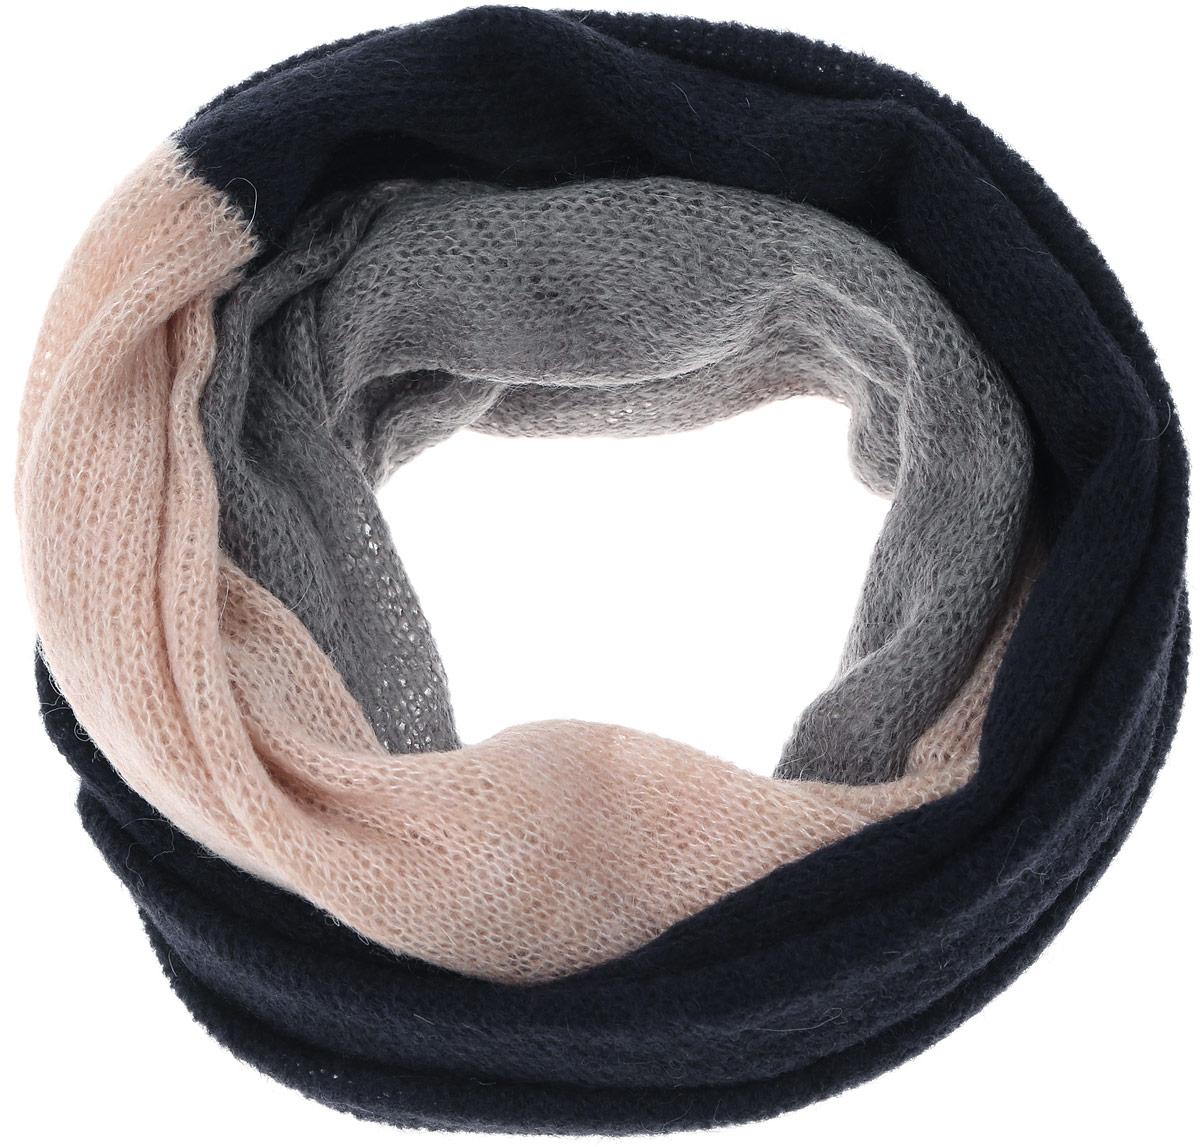 ШарфW0S12UGRJЖенский шарф Wrangler выполнен из сочетания акрила, полиамида, мохера и шерсти . Модель оформлена мелкой вязкой контрастных цветов.